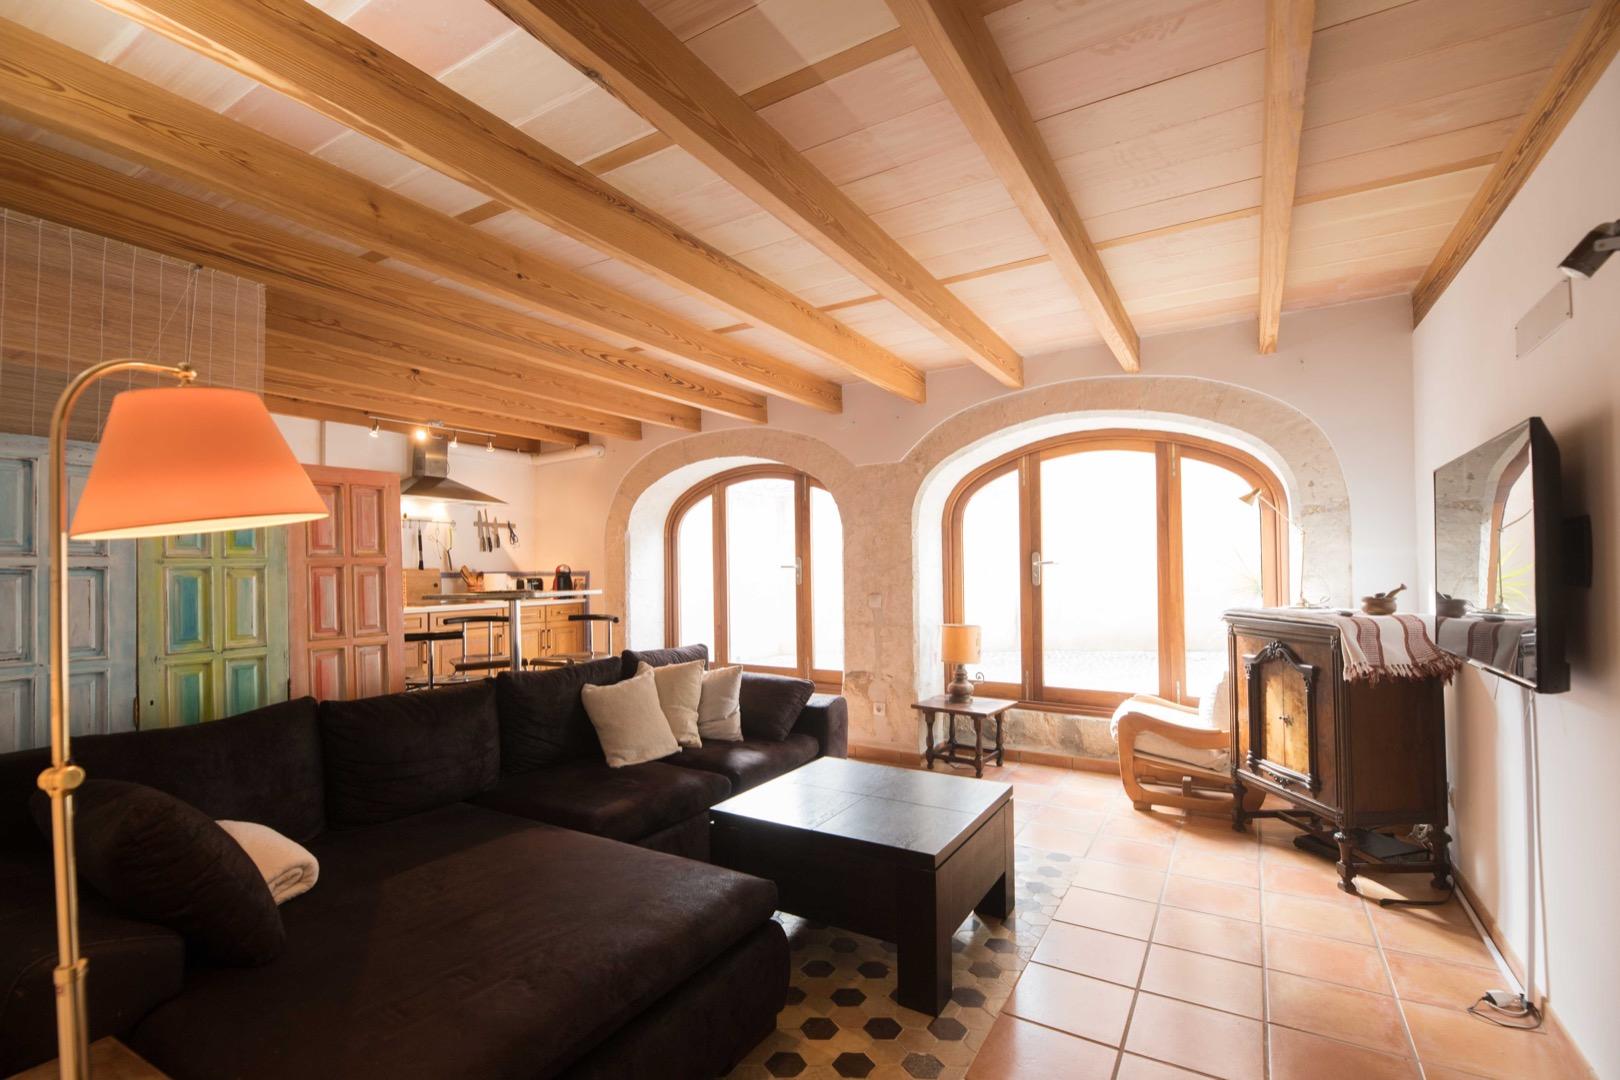 Pis  Sa pobla, zona de - Selva. Inmobiliaria home by the8sense ofrece en venta preciosa planta b